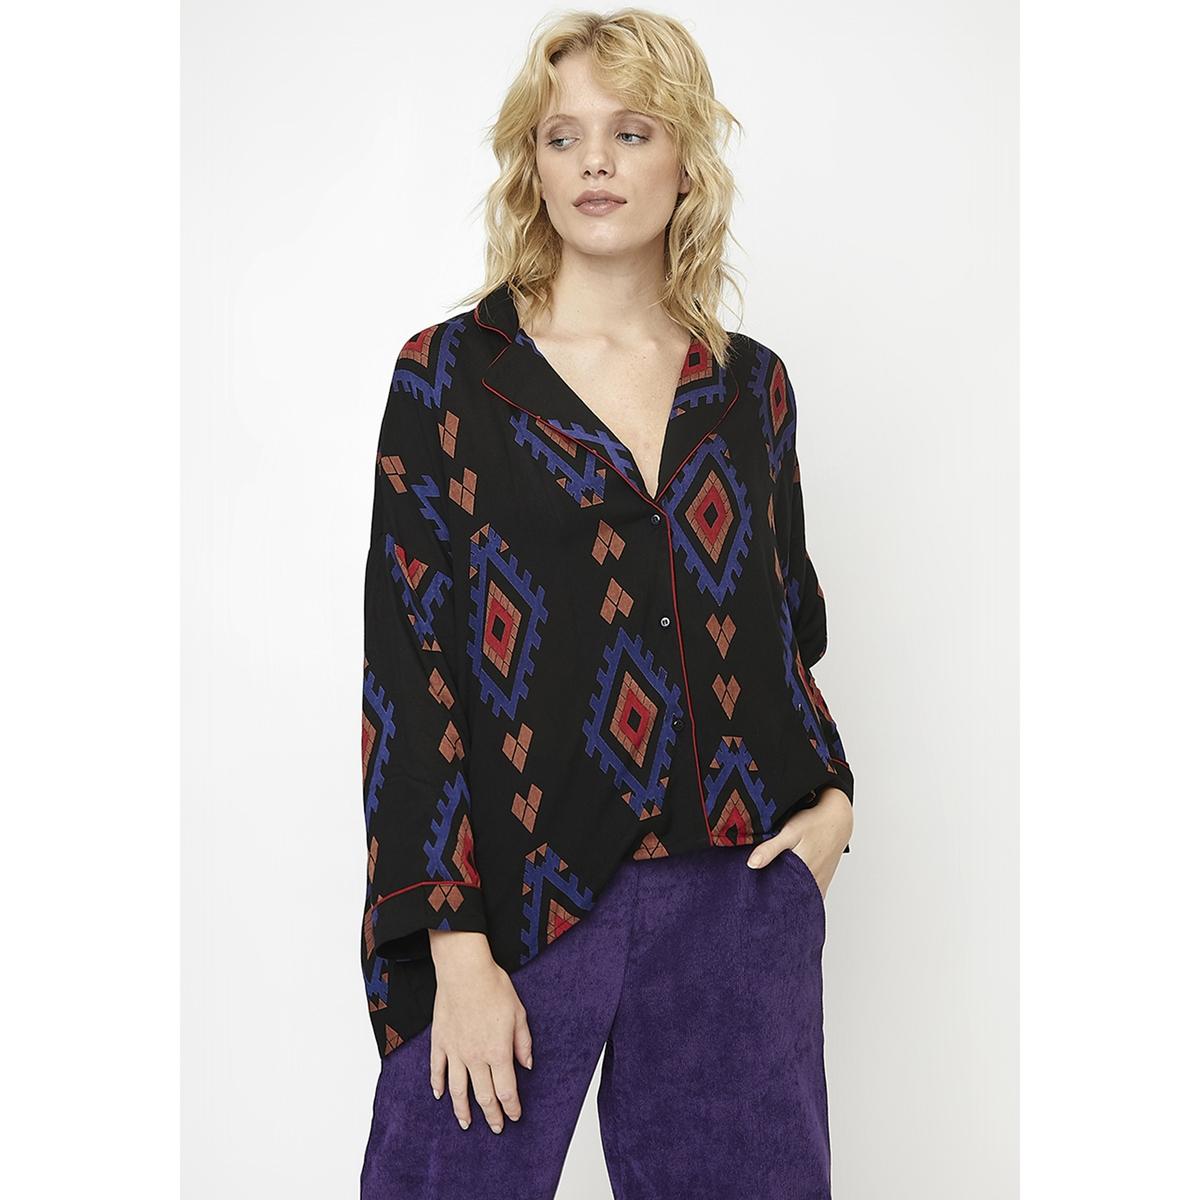 купить Рубашка La Redoute С этническим принтом в стиле пижамы L черный дешево